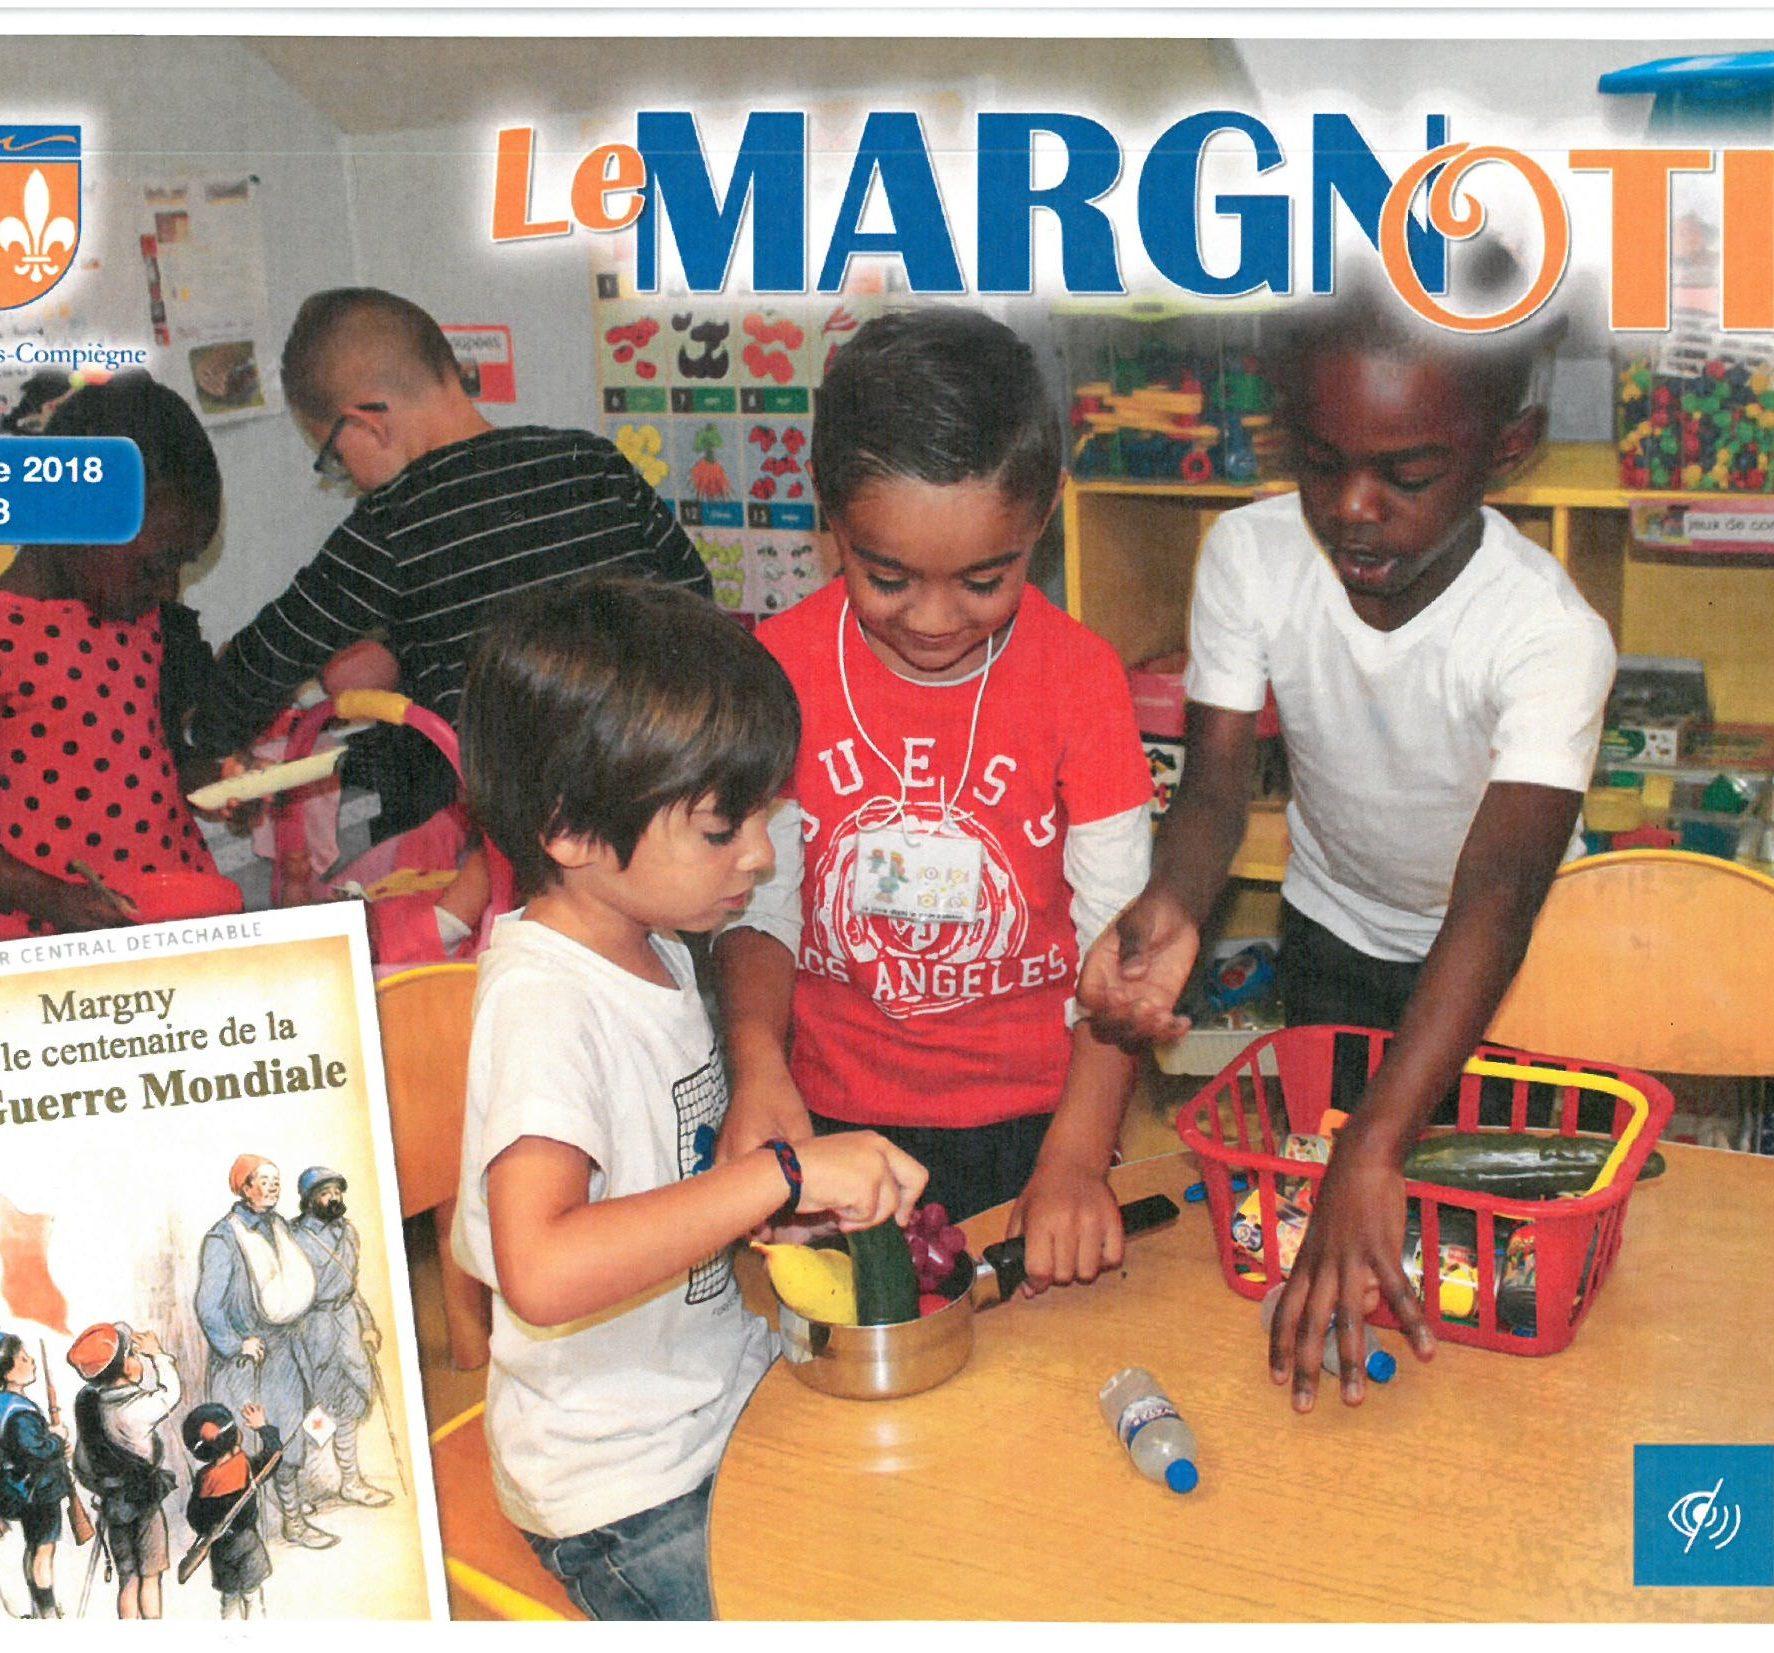 margnotin-85